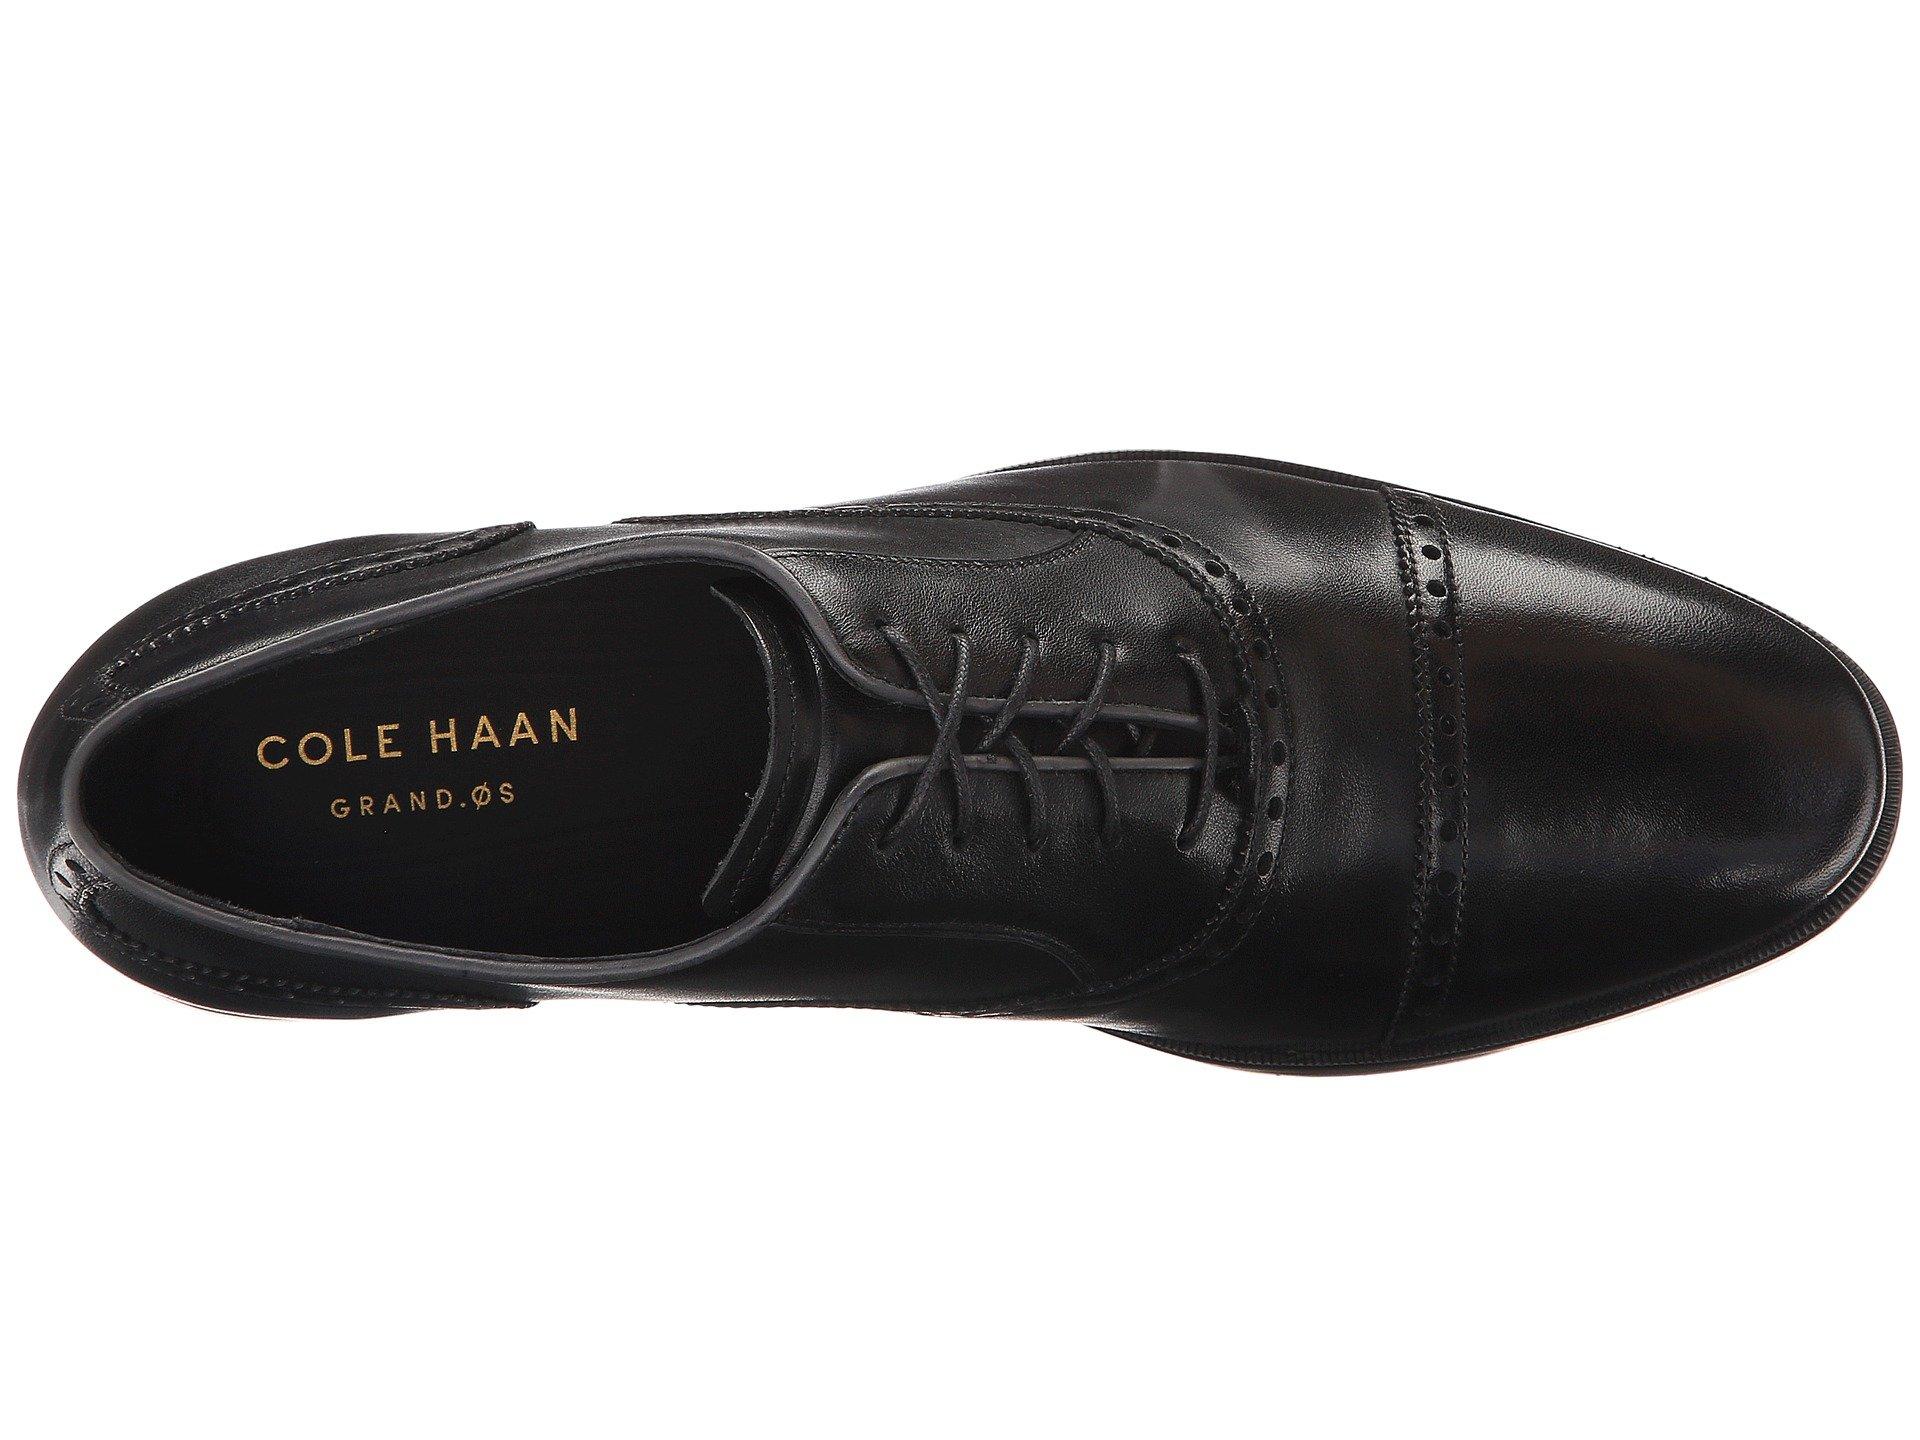 Oxford Haan Black Grand Cap Hamilton Cole qFwx11